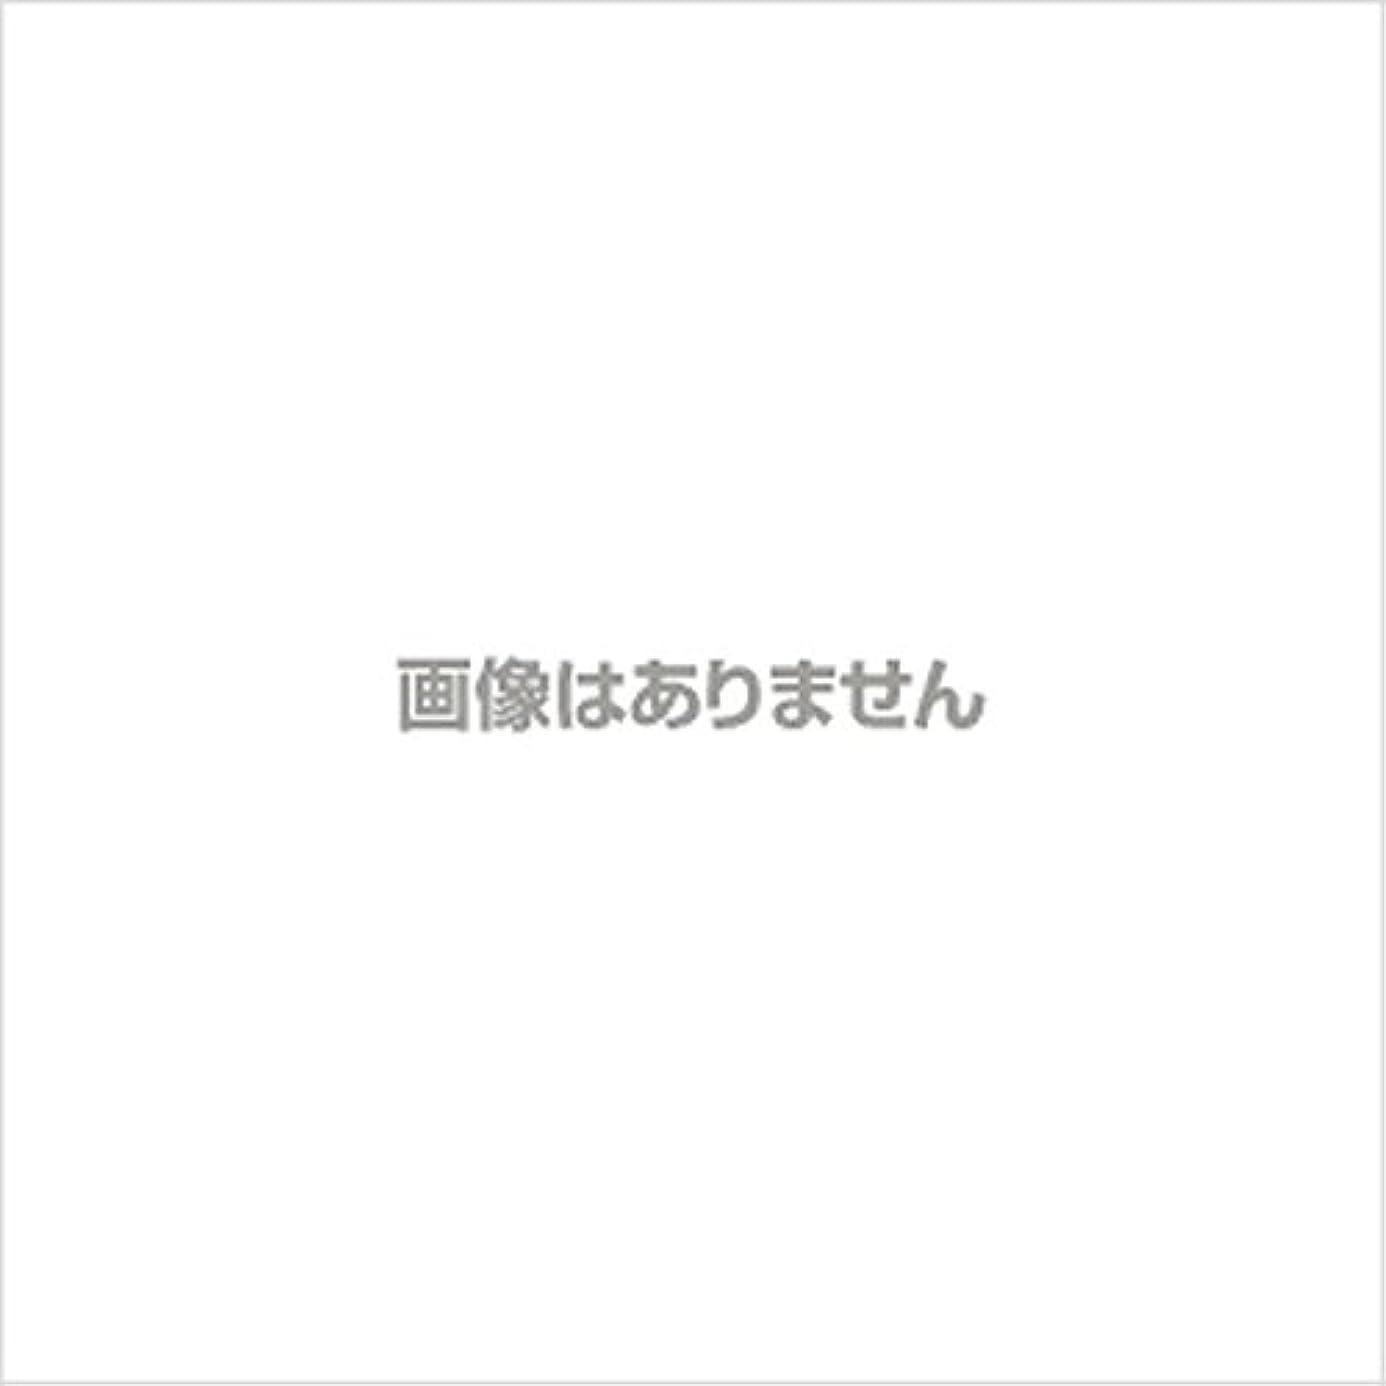 条件付き疲労関係ない【新発売】EBUKEA エブケアNO1002 プラスチックグローブ(粉付)Mサイズ 100枚入(極薄?半透明)